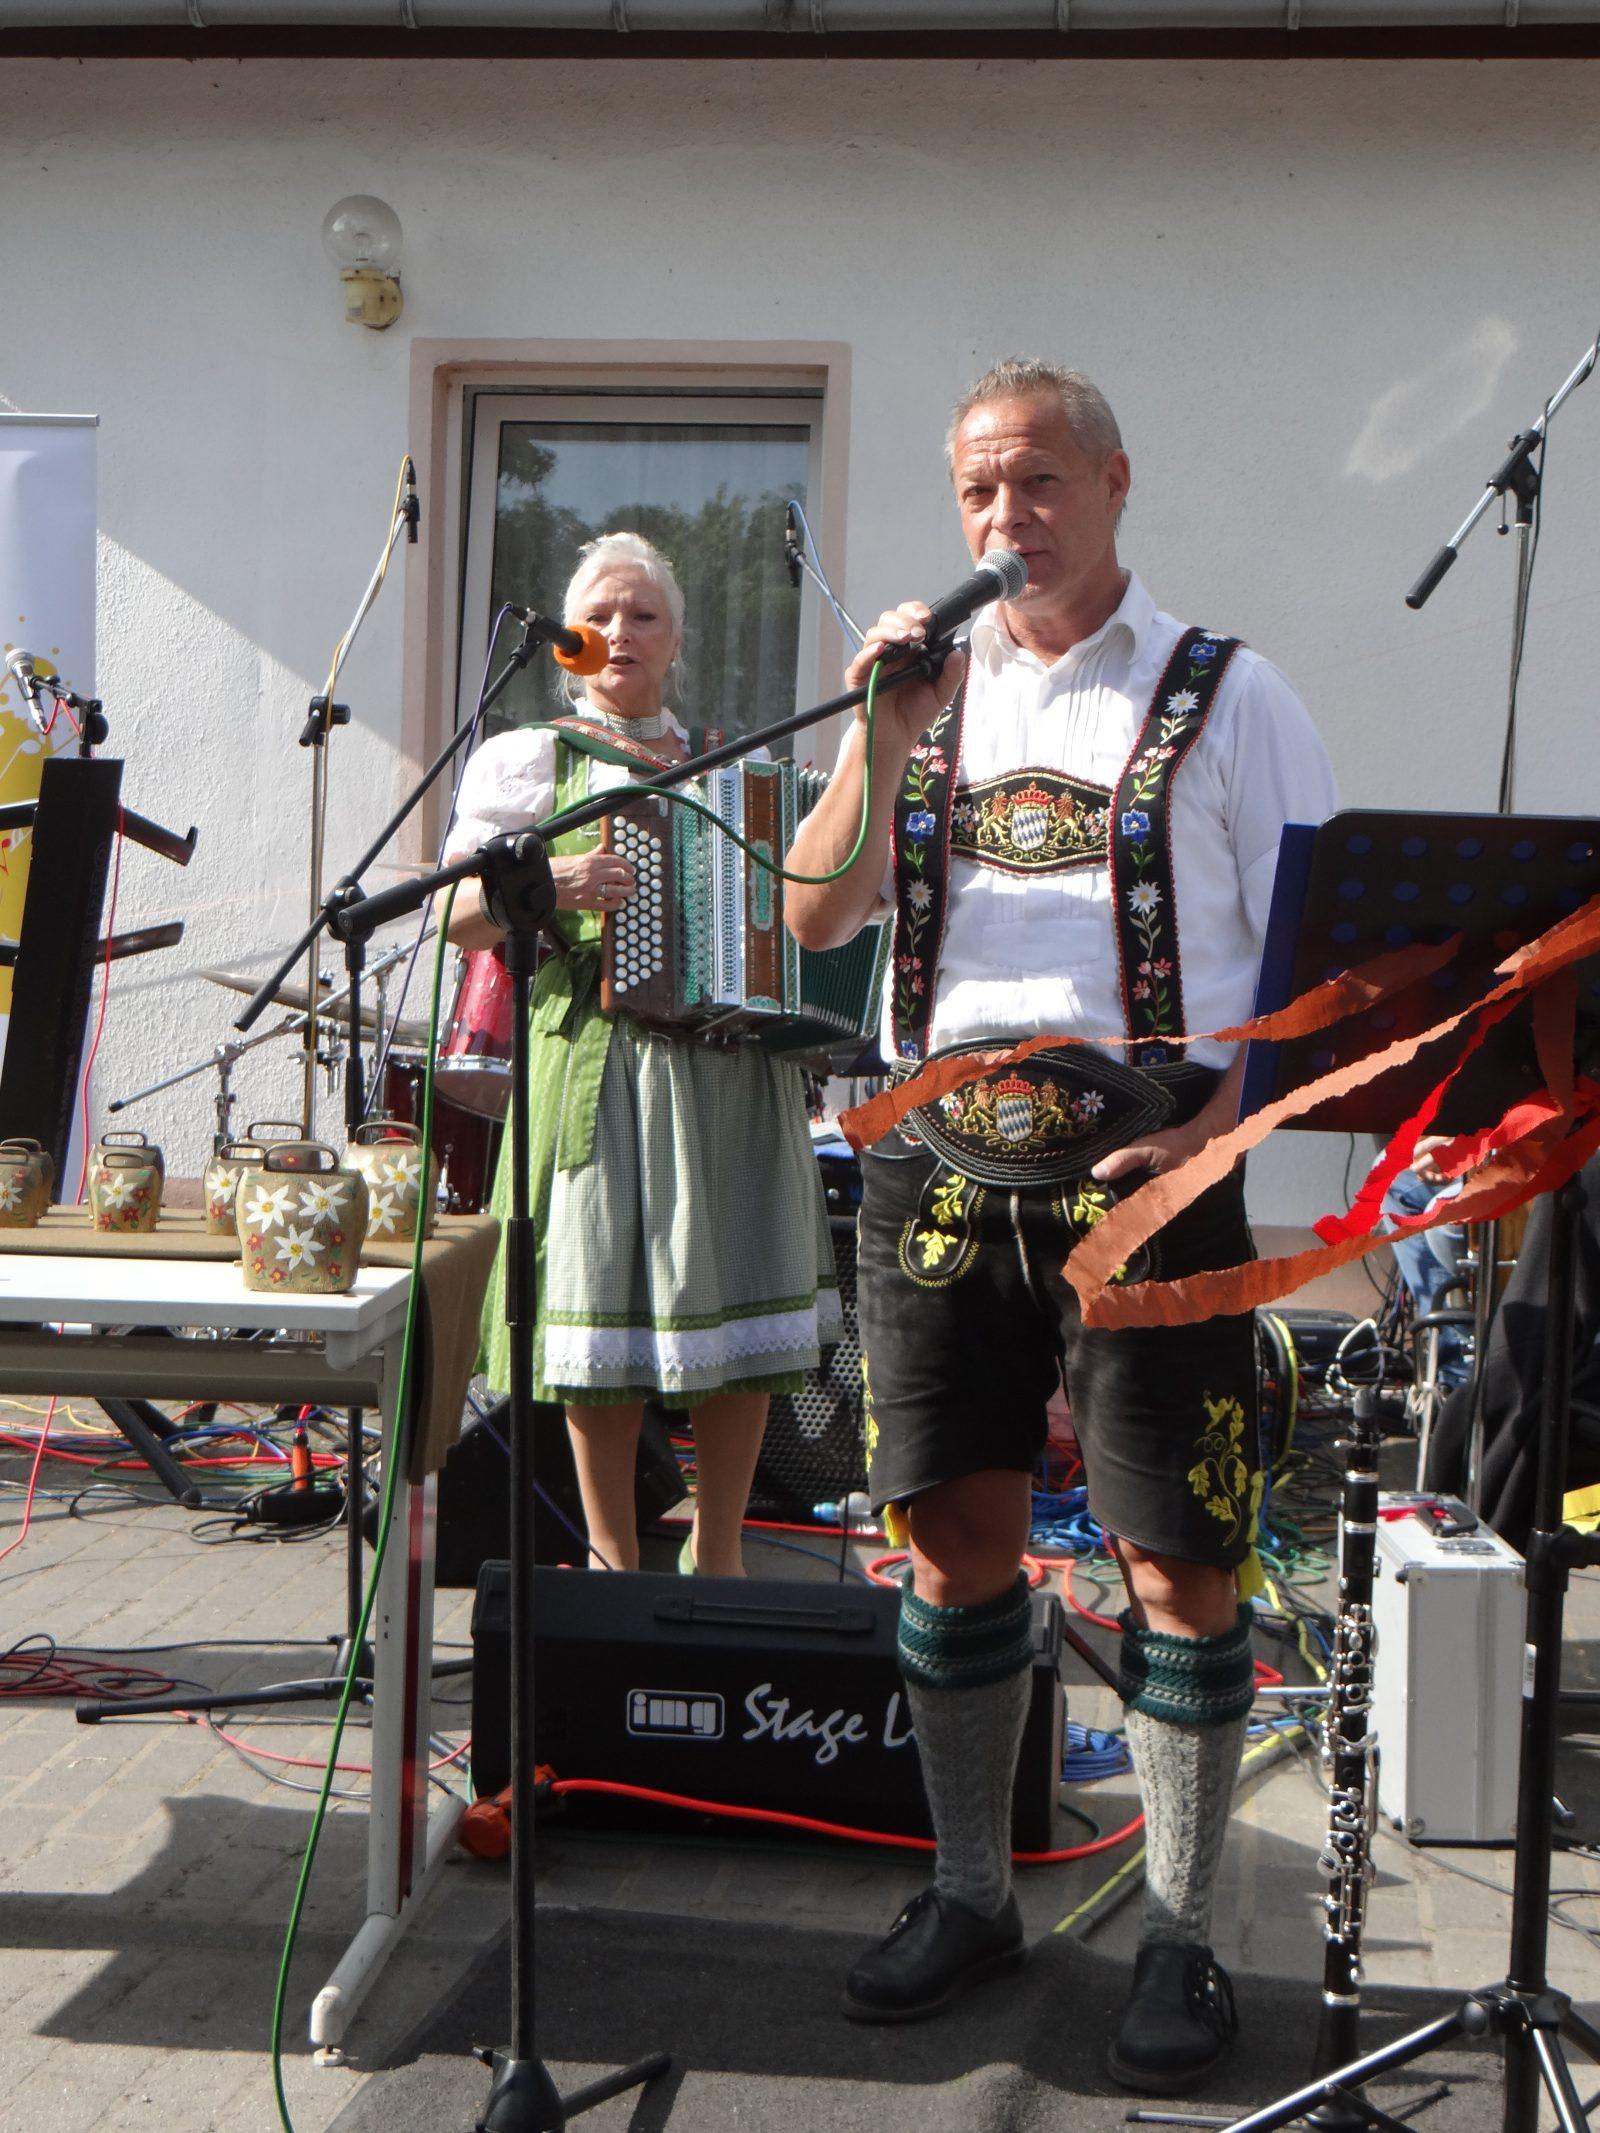 Himmelfahrt 2017 - Bayerische Musik in Brandenburg mit Moni und Felix